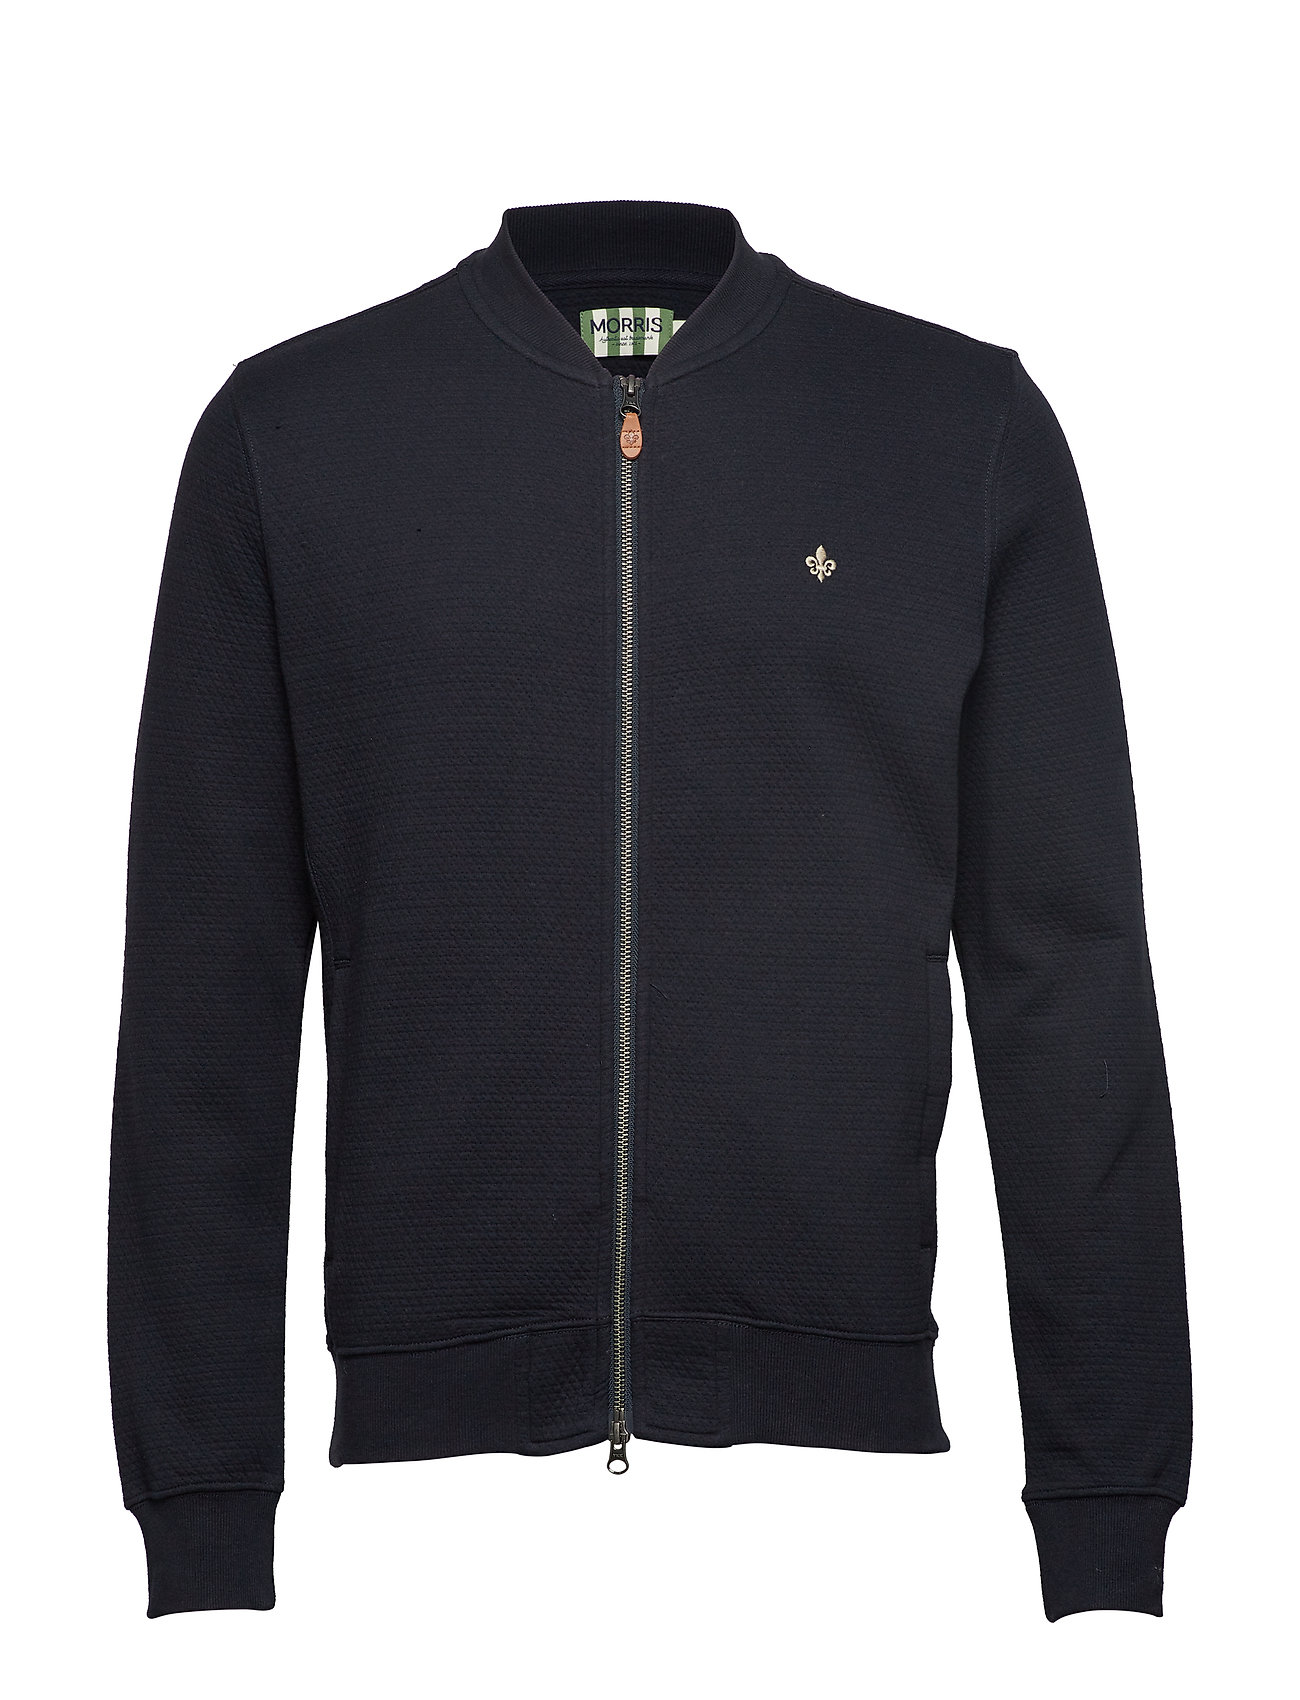 Morris Redford Zip Sweatshirt - OLD BLUE